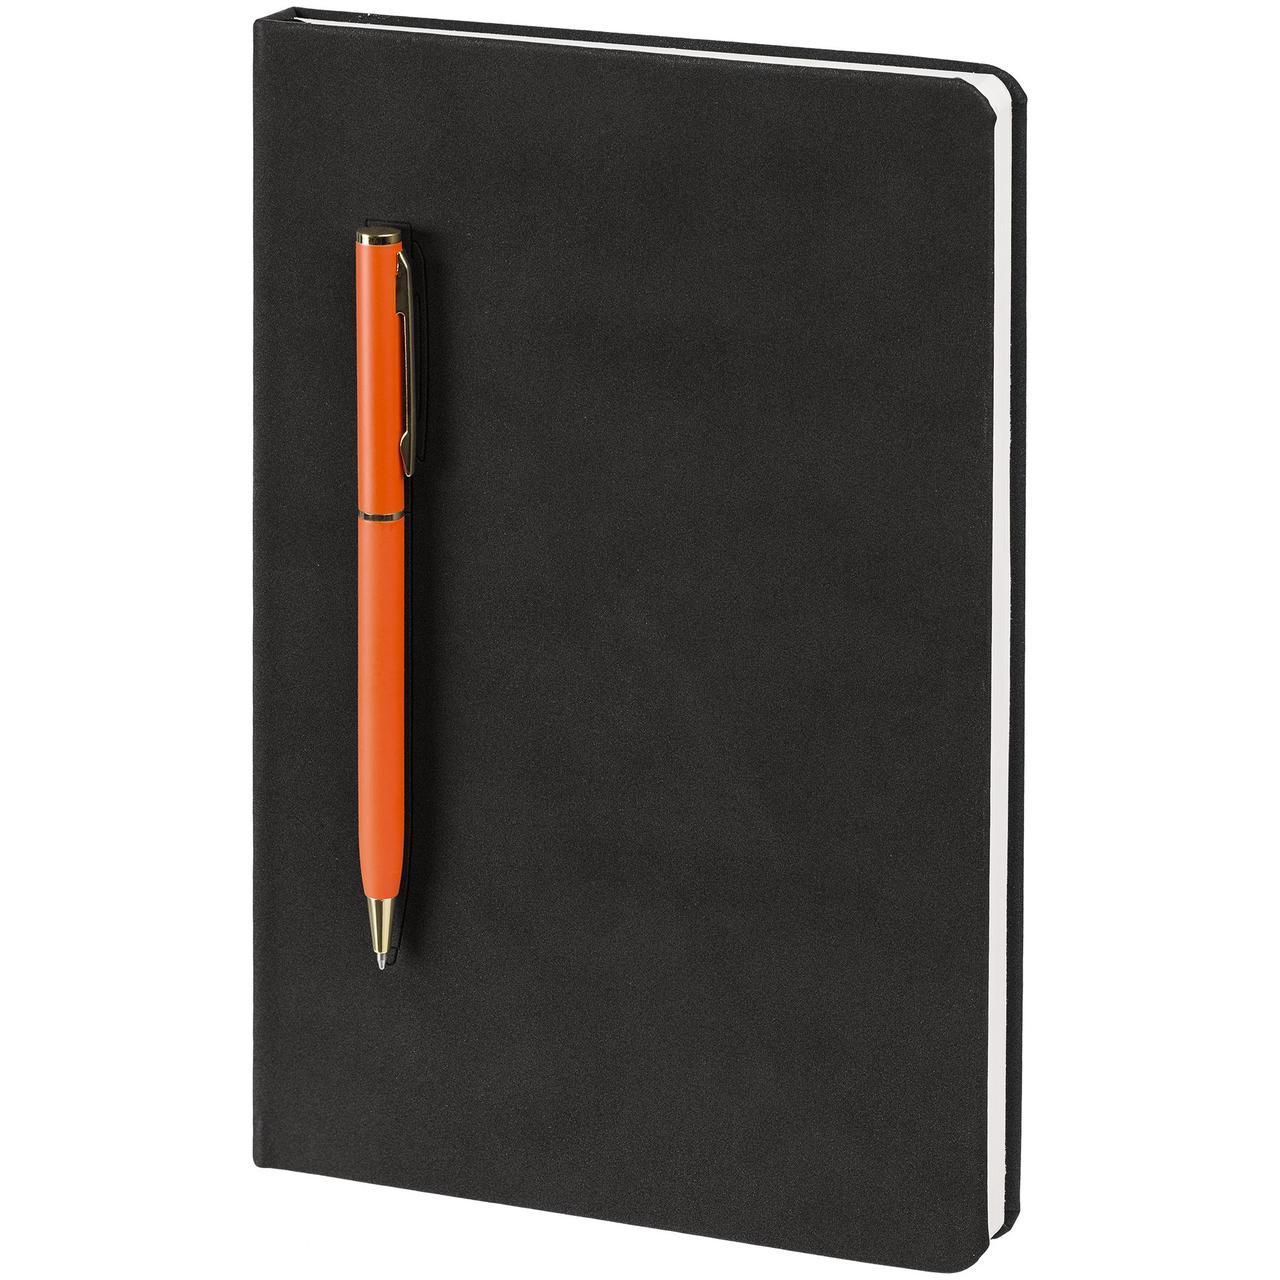 Блокнот Magnet Gold с ручкой, черно-оранжевый (артикул 15050.20)